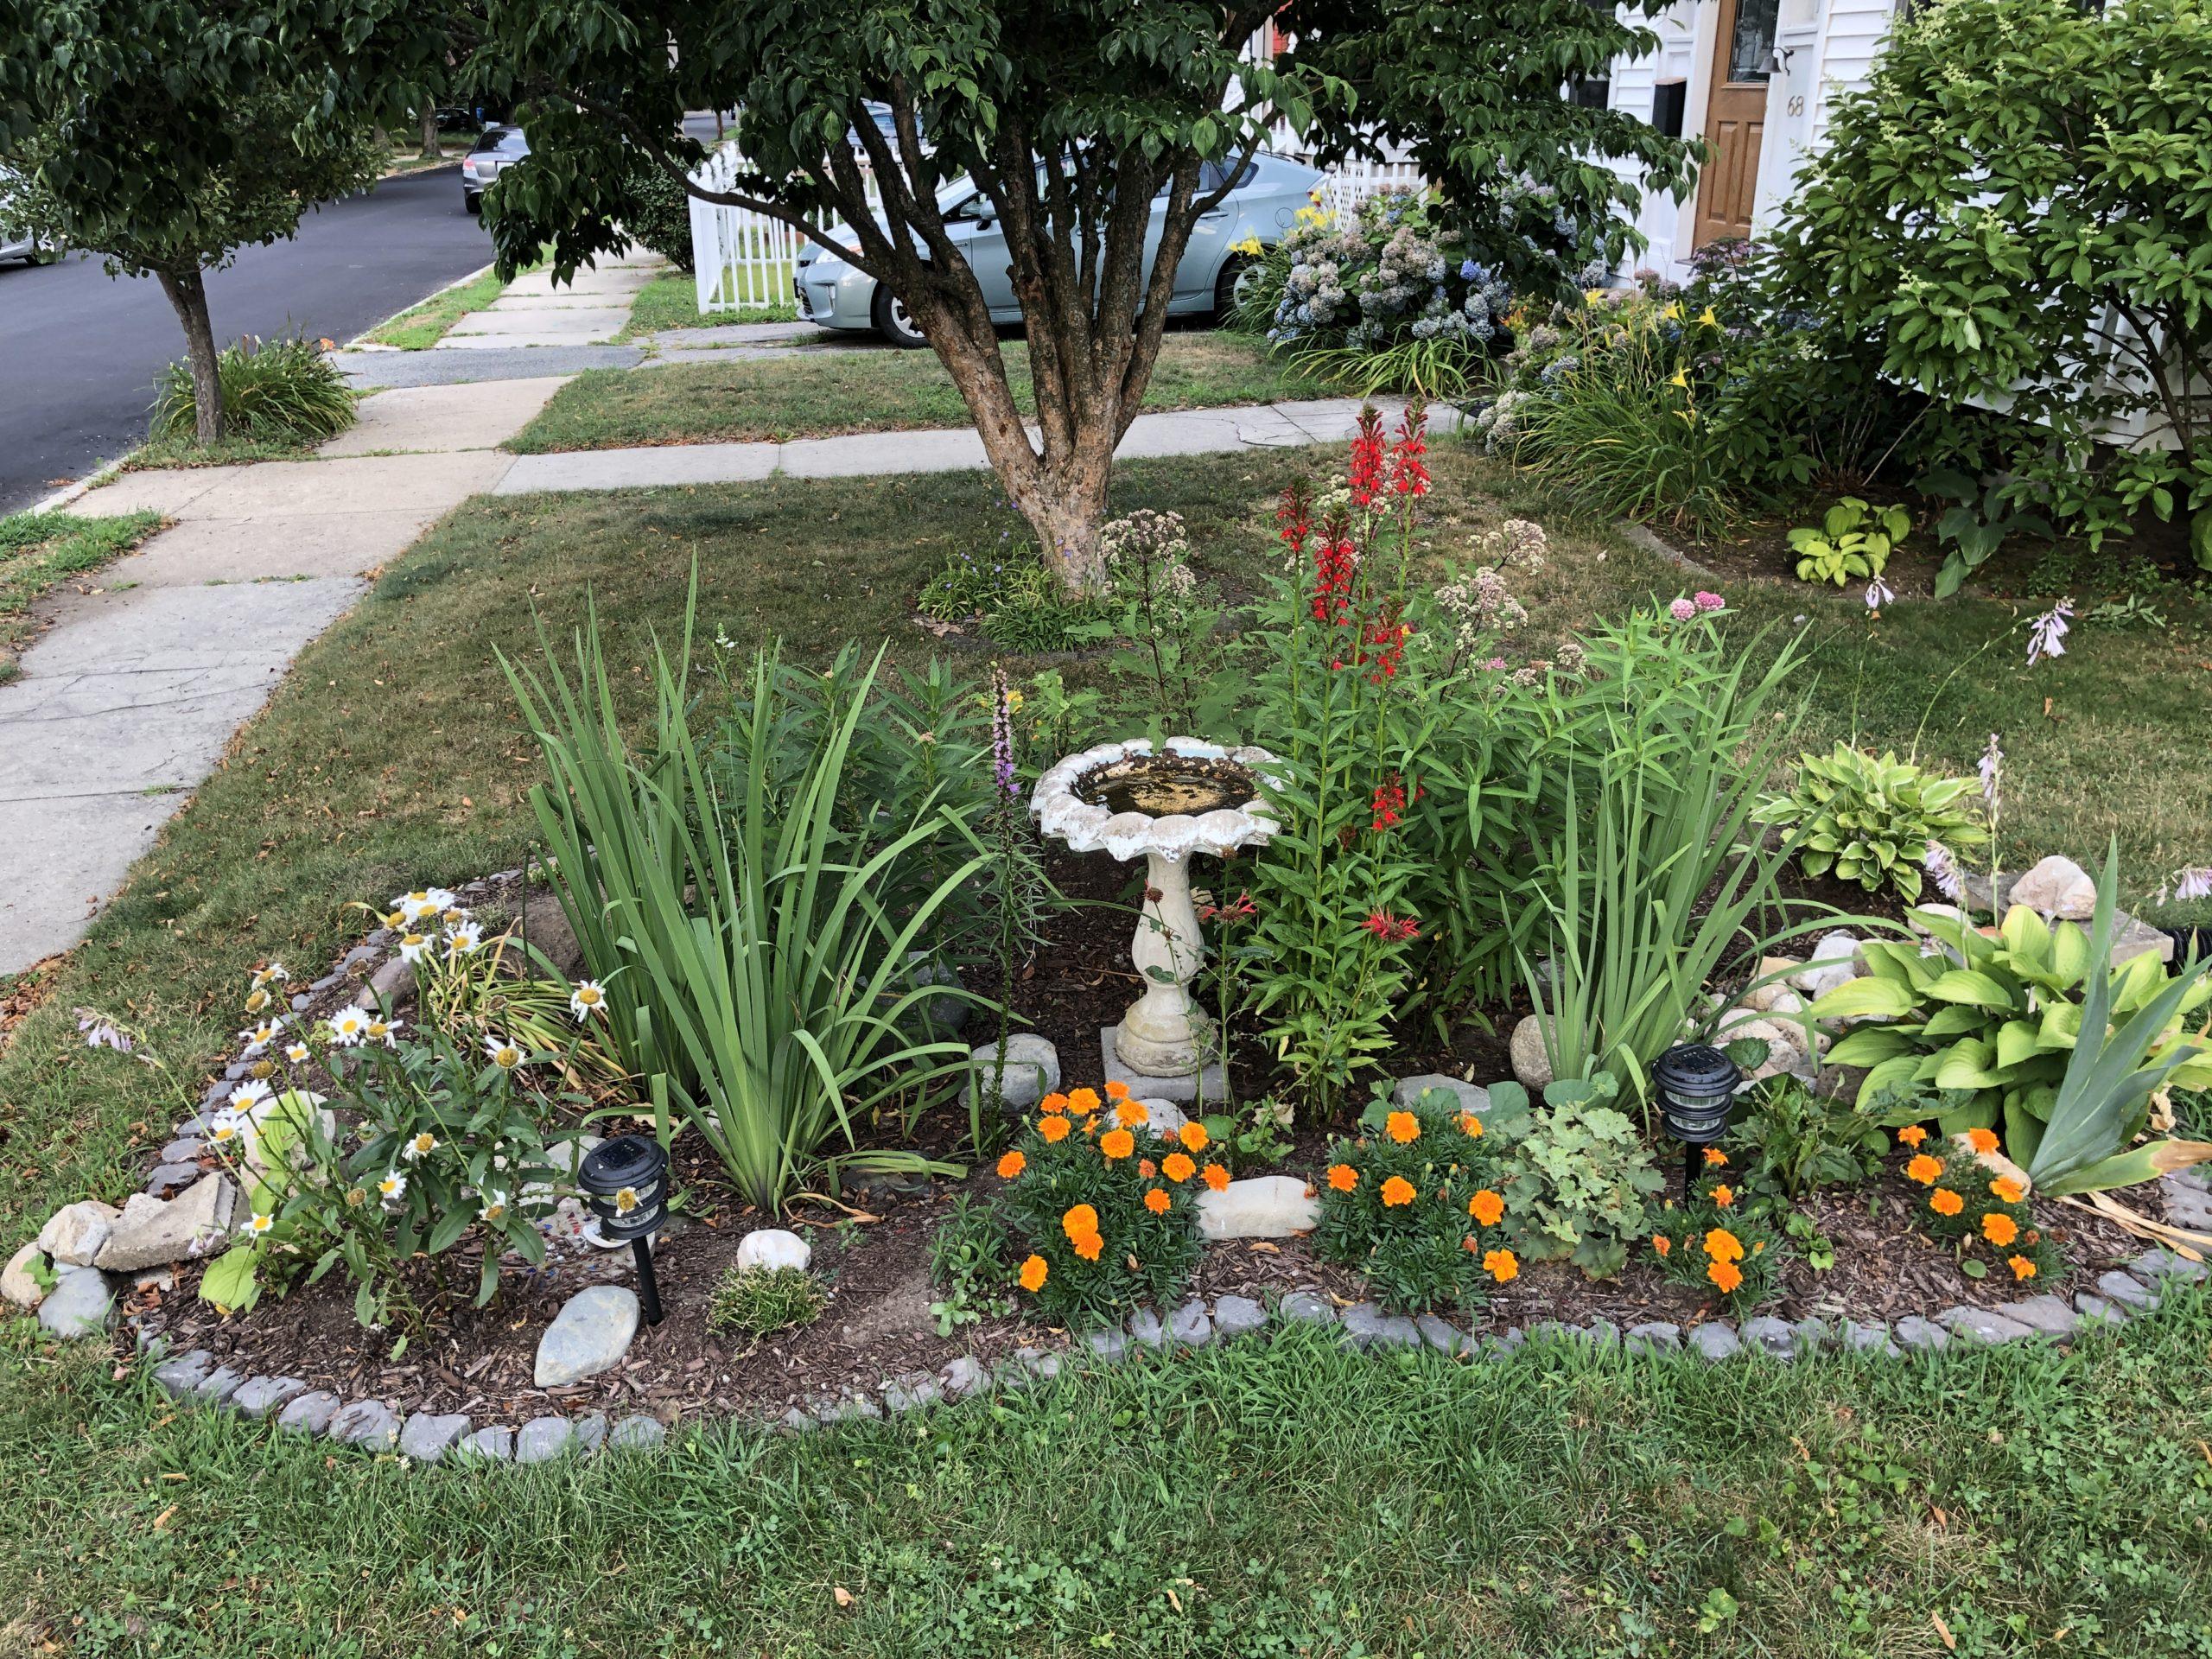 Rain garden in bloom